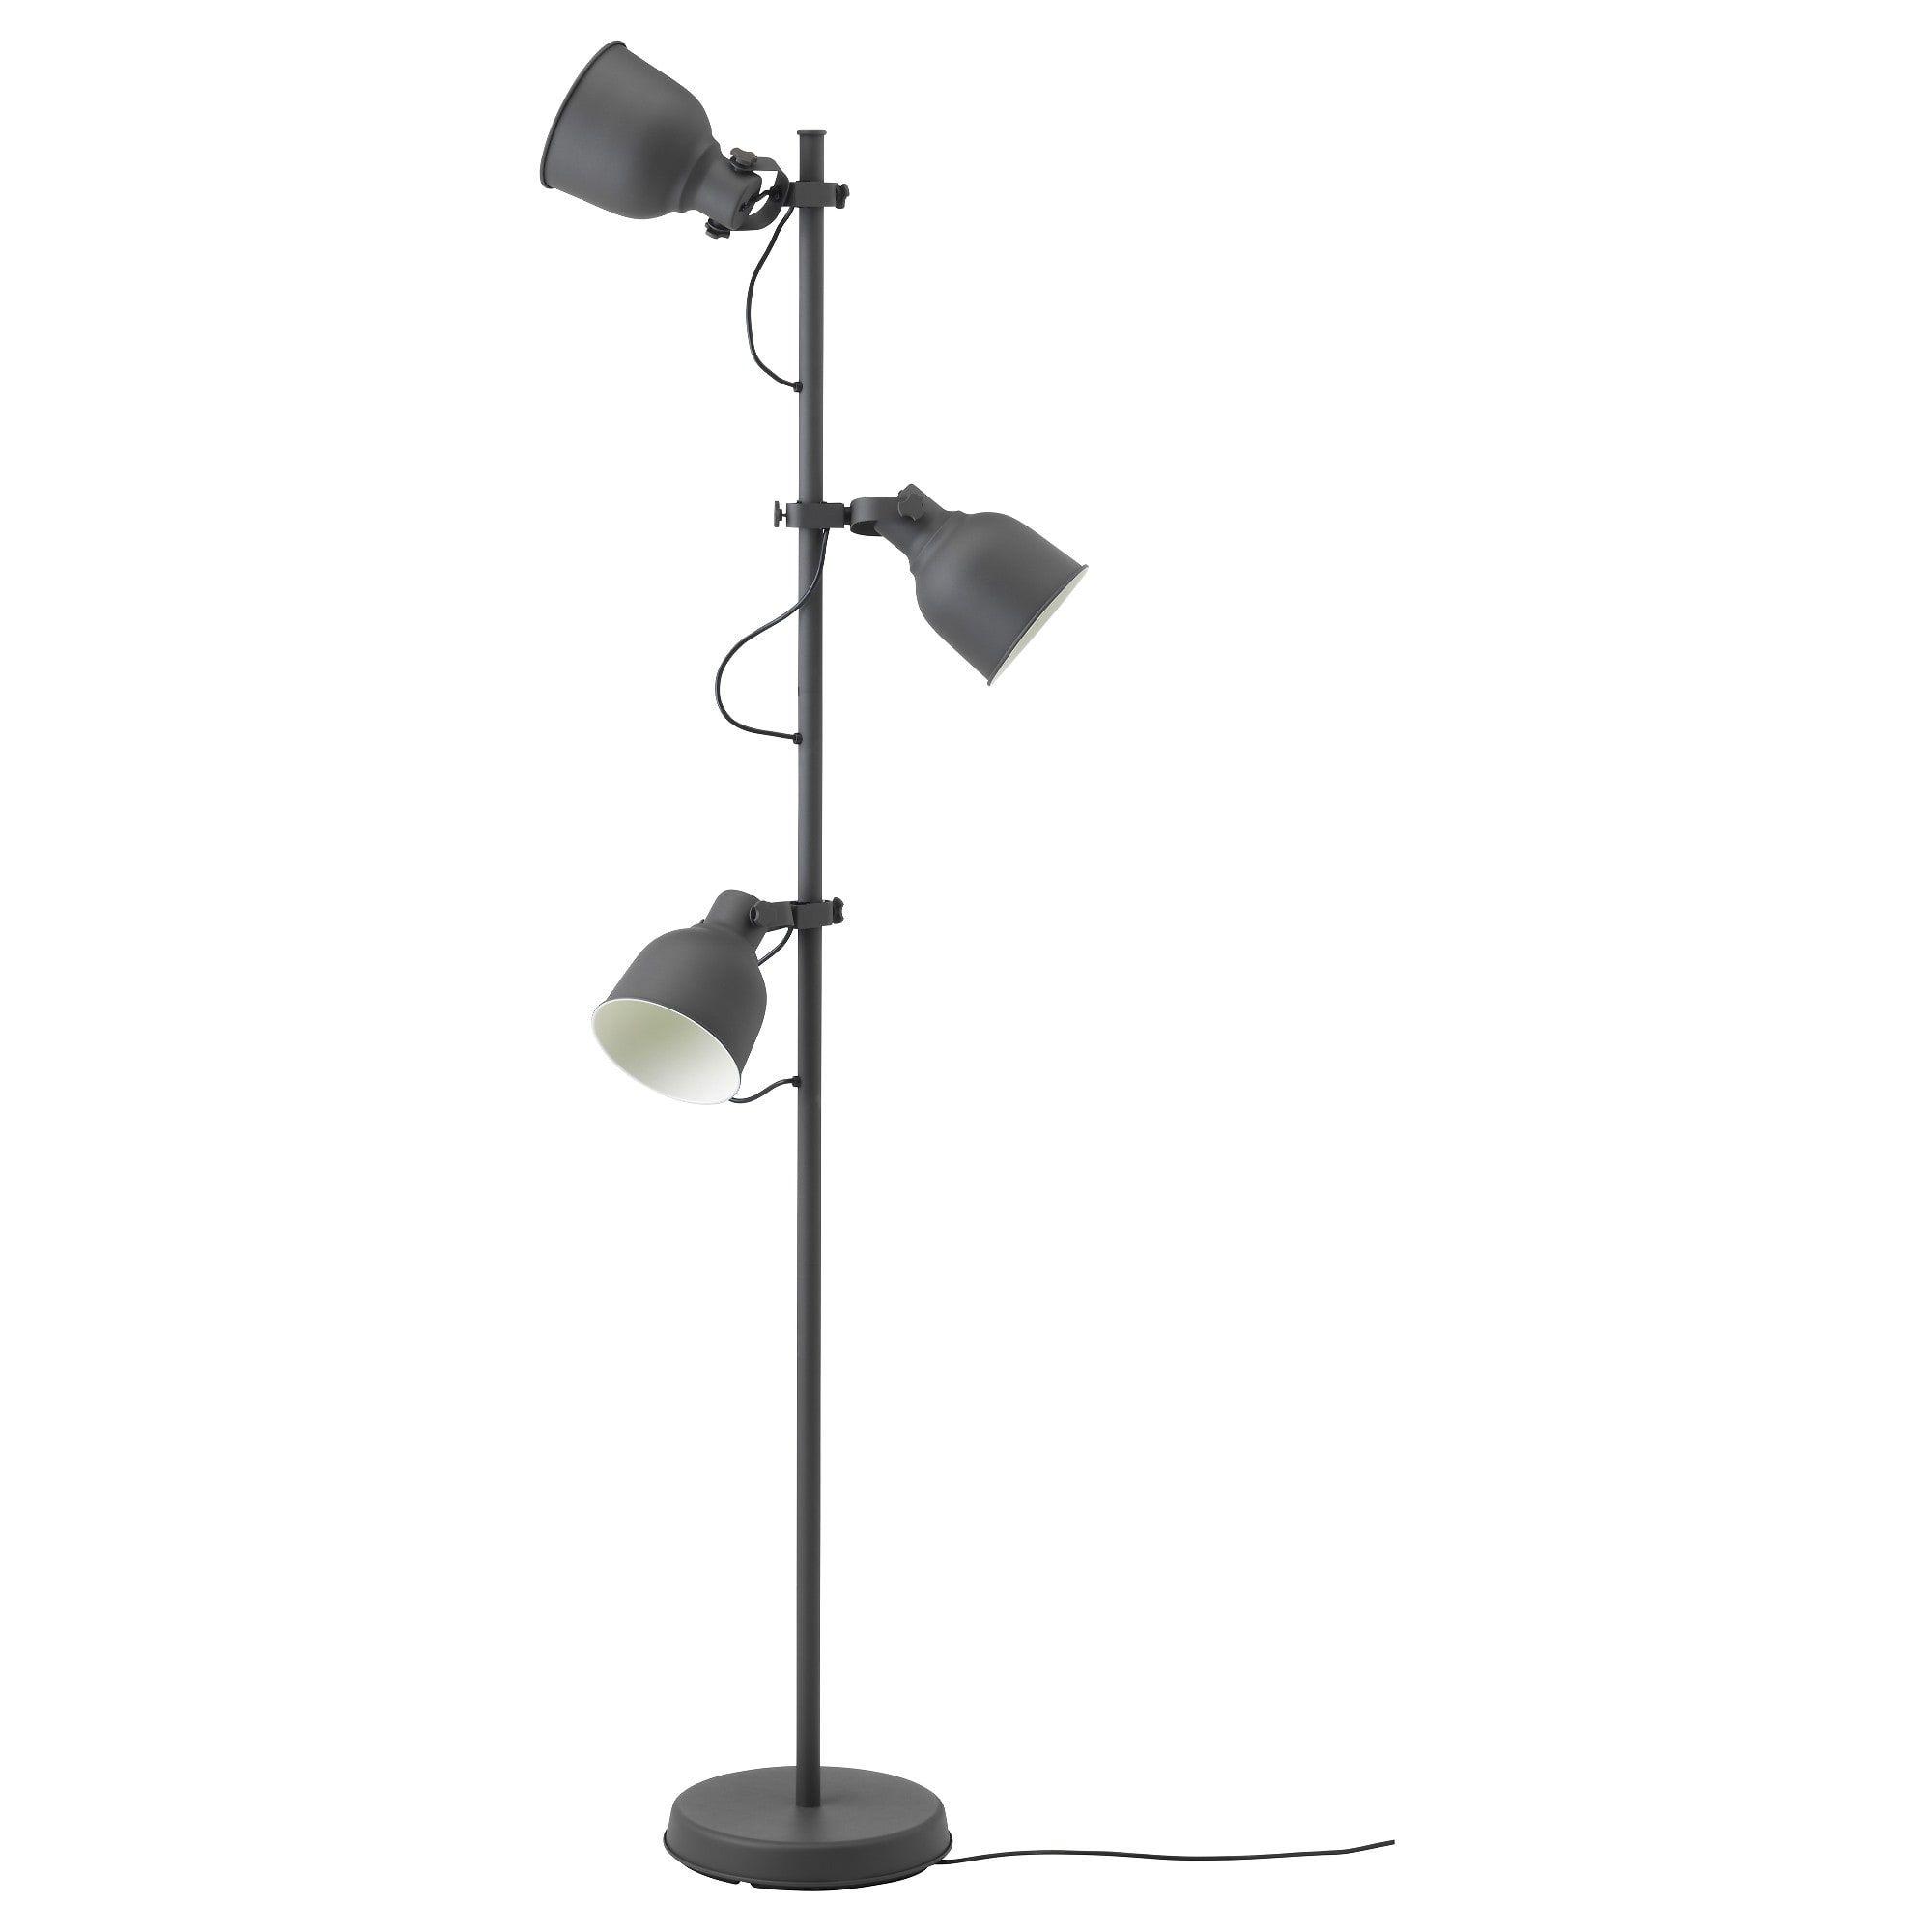 Full Size of Stehlampen Ikea Led Stehlampe Floor Lamps Standard Elegant Betten Bei Küche Kosten Modulküche Kaufen Wohnzimmer Sofa Mit Schlaffunktion 160x200 Miniküche Wohnzimmer Stehlampen Ikea